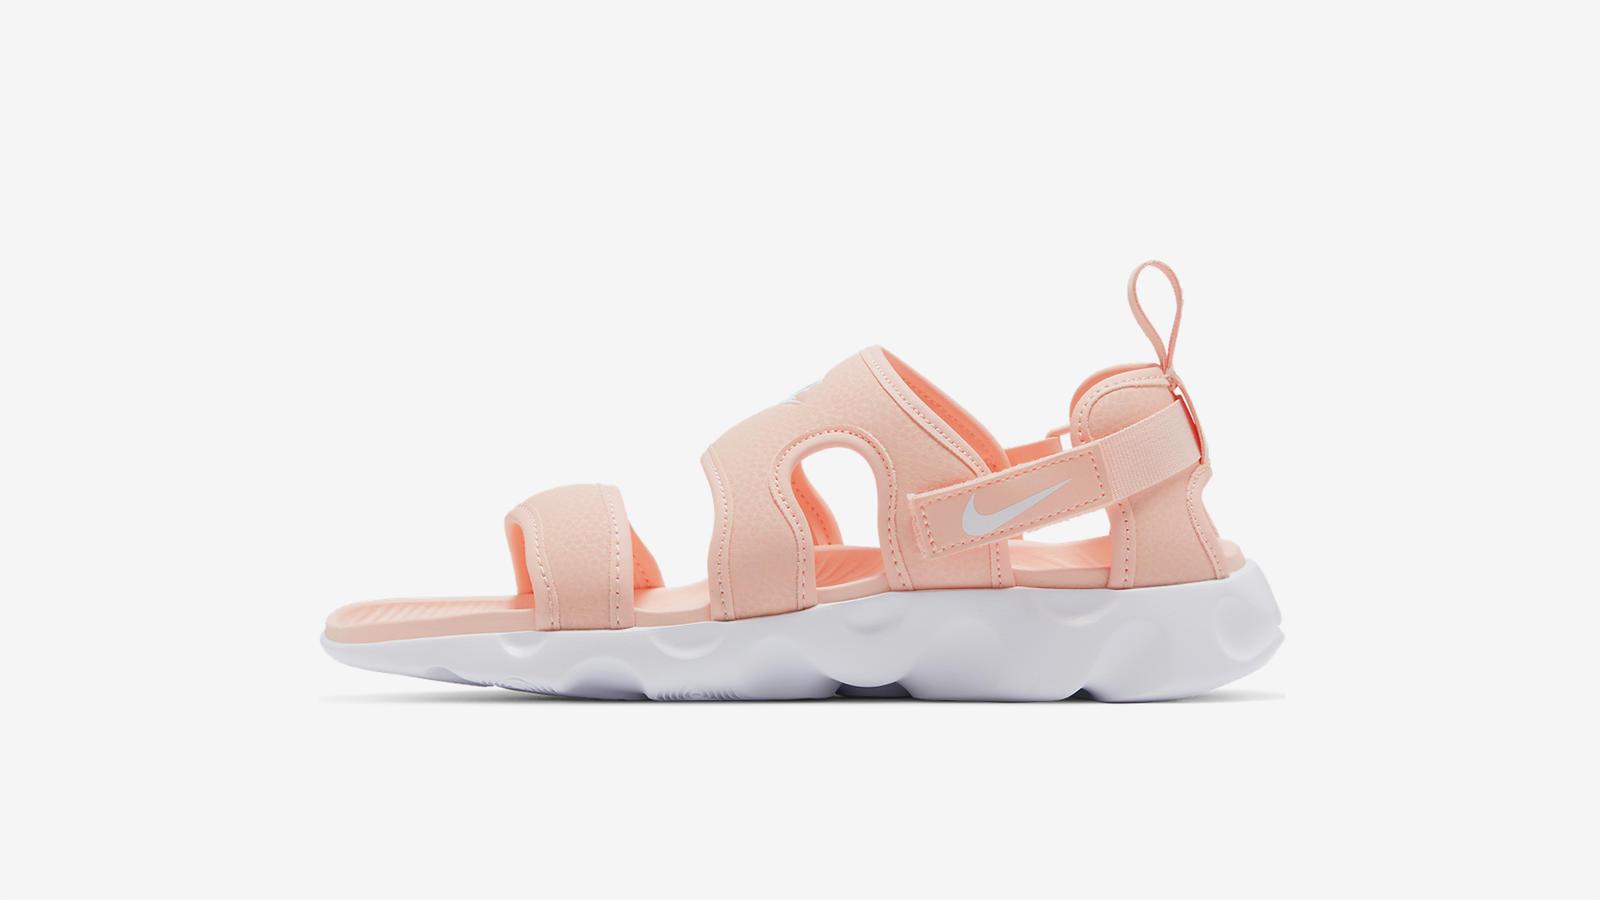 Nike Sportswear Summer 2020 Sandals Nike Canyon Nike Asuna